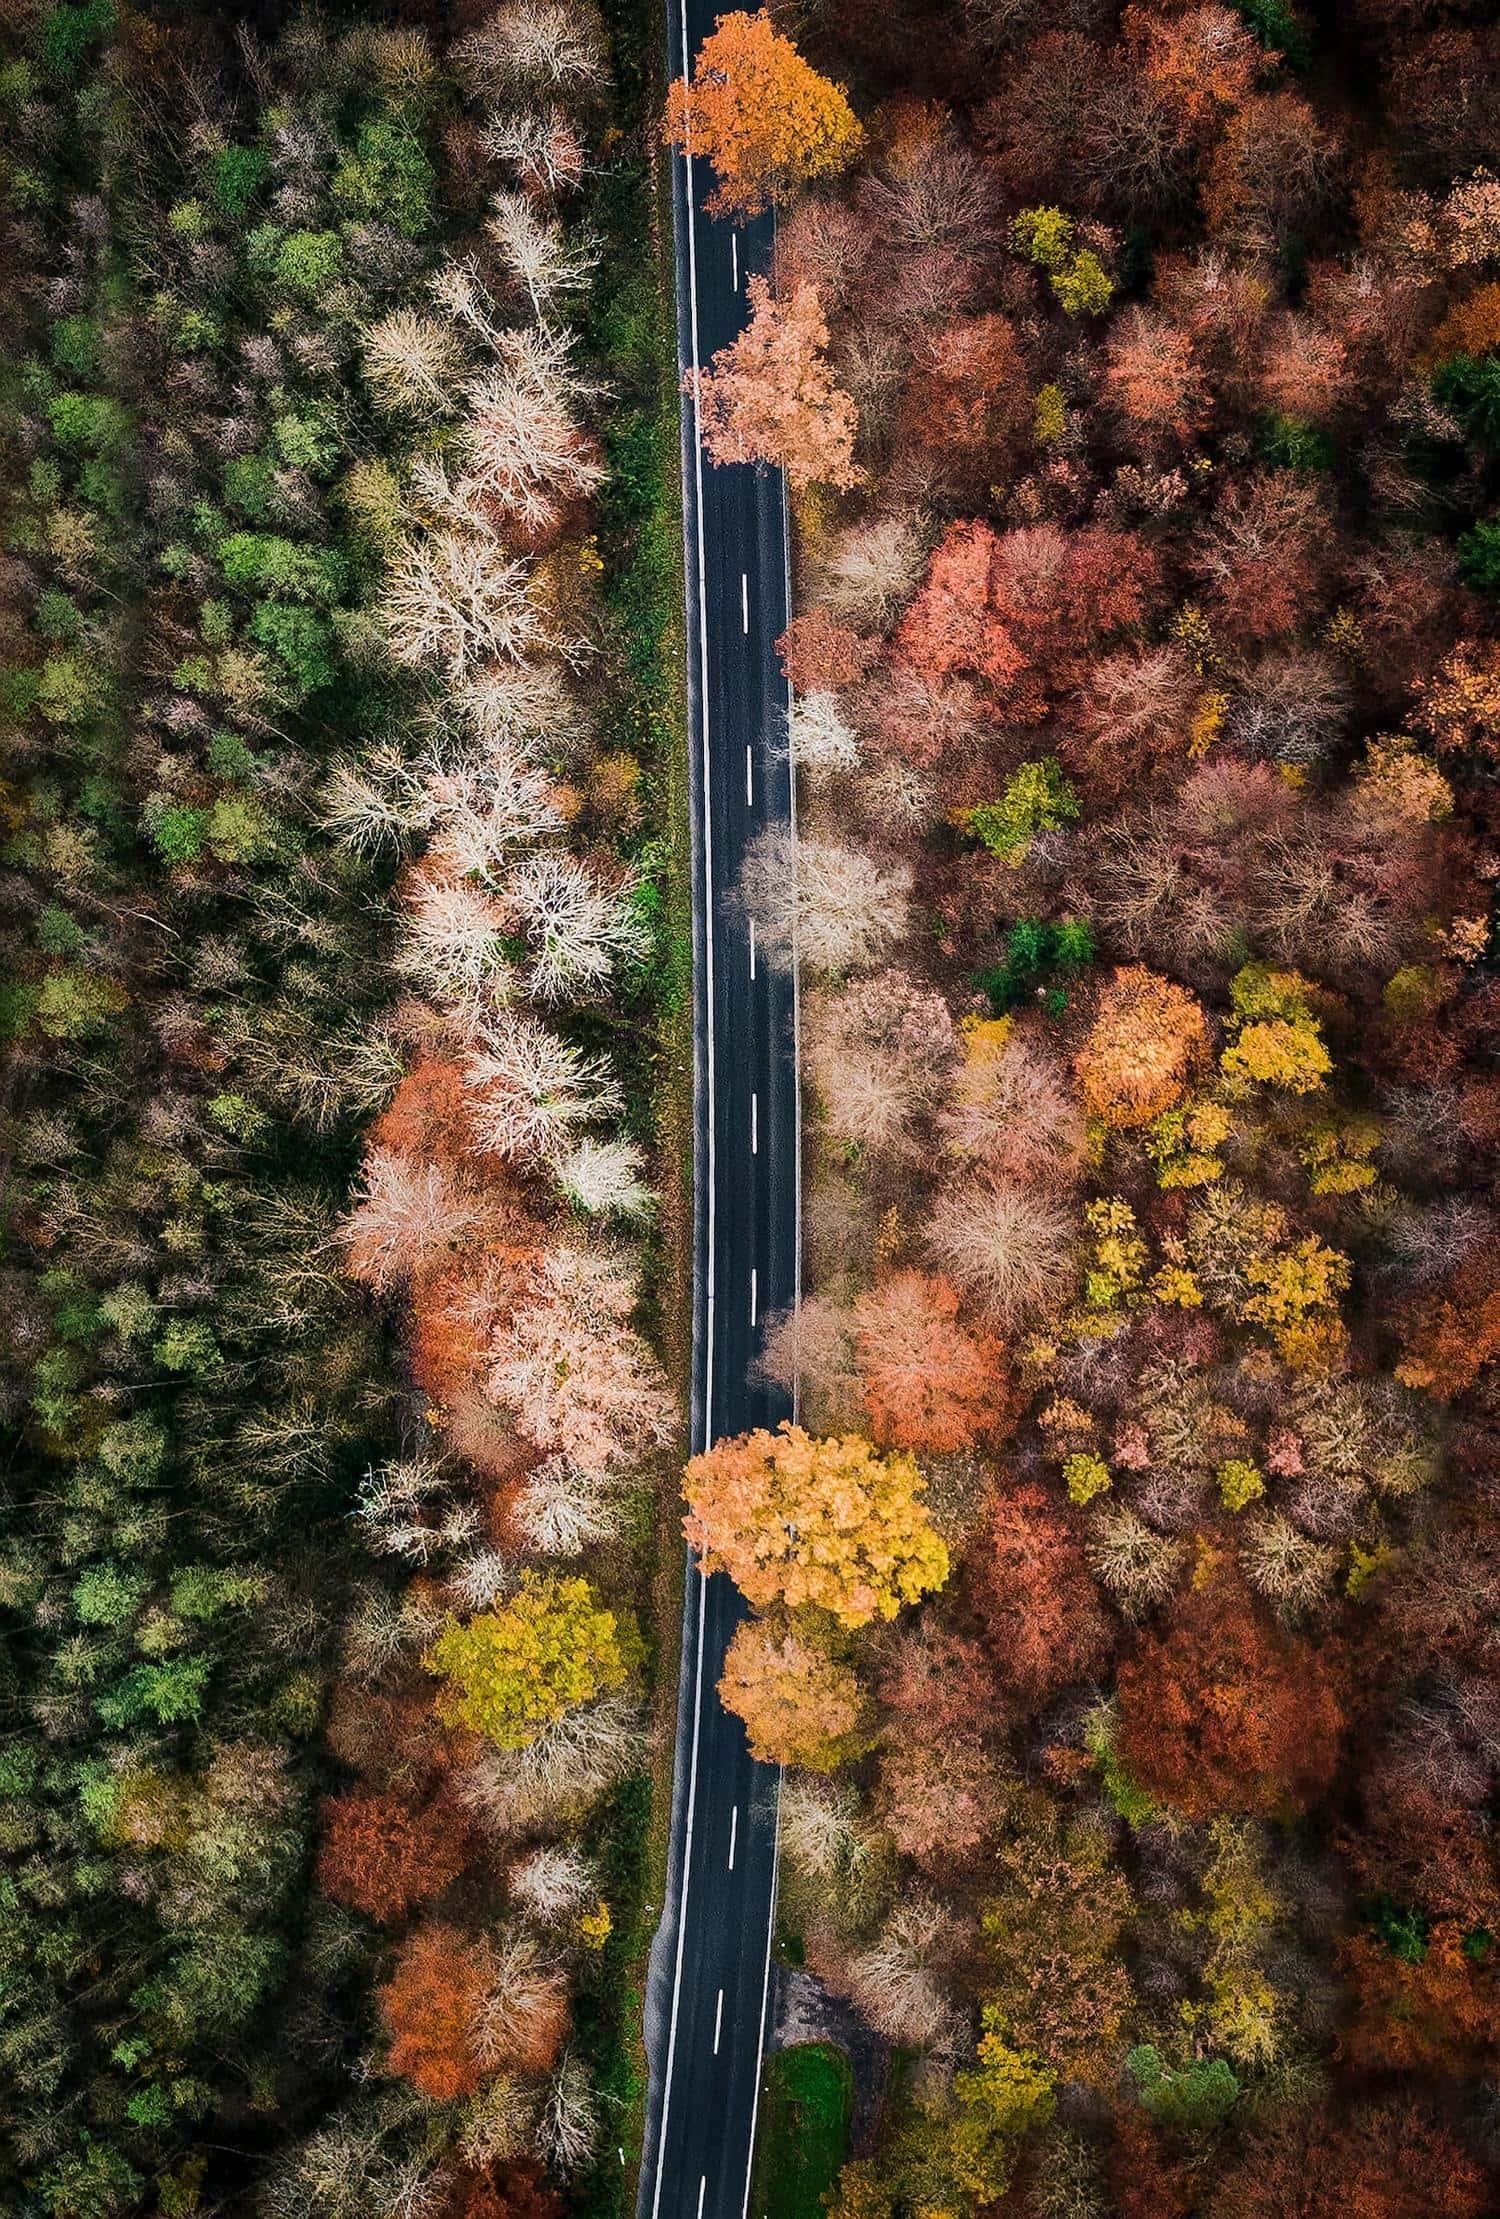 Carretera desde el cielo